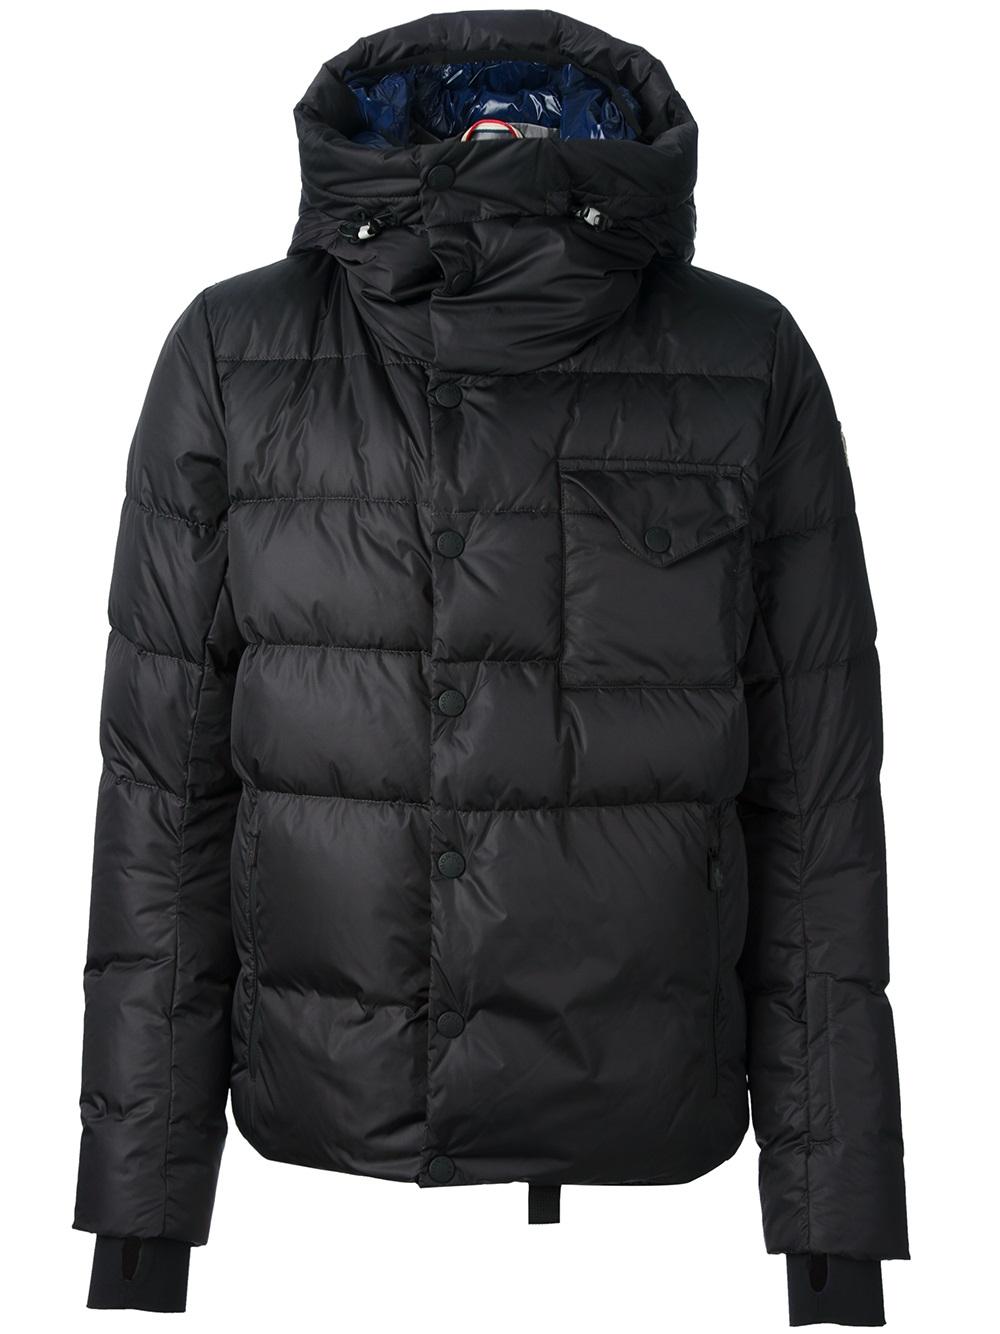 Lyst Moncler Grenoble Eggstock Padded Jacket In Black